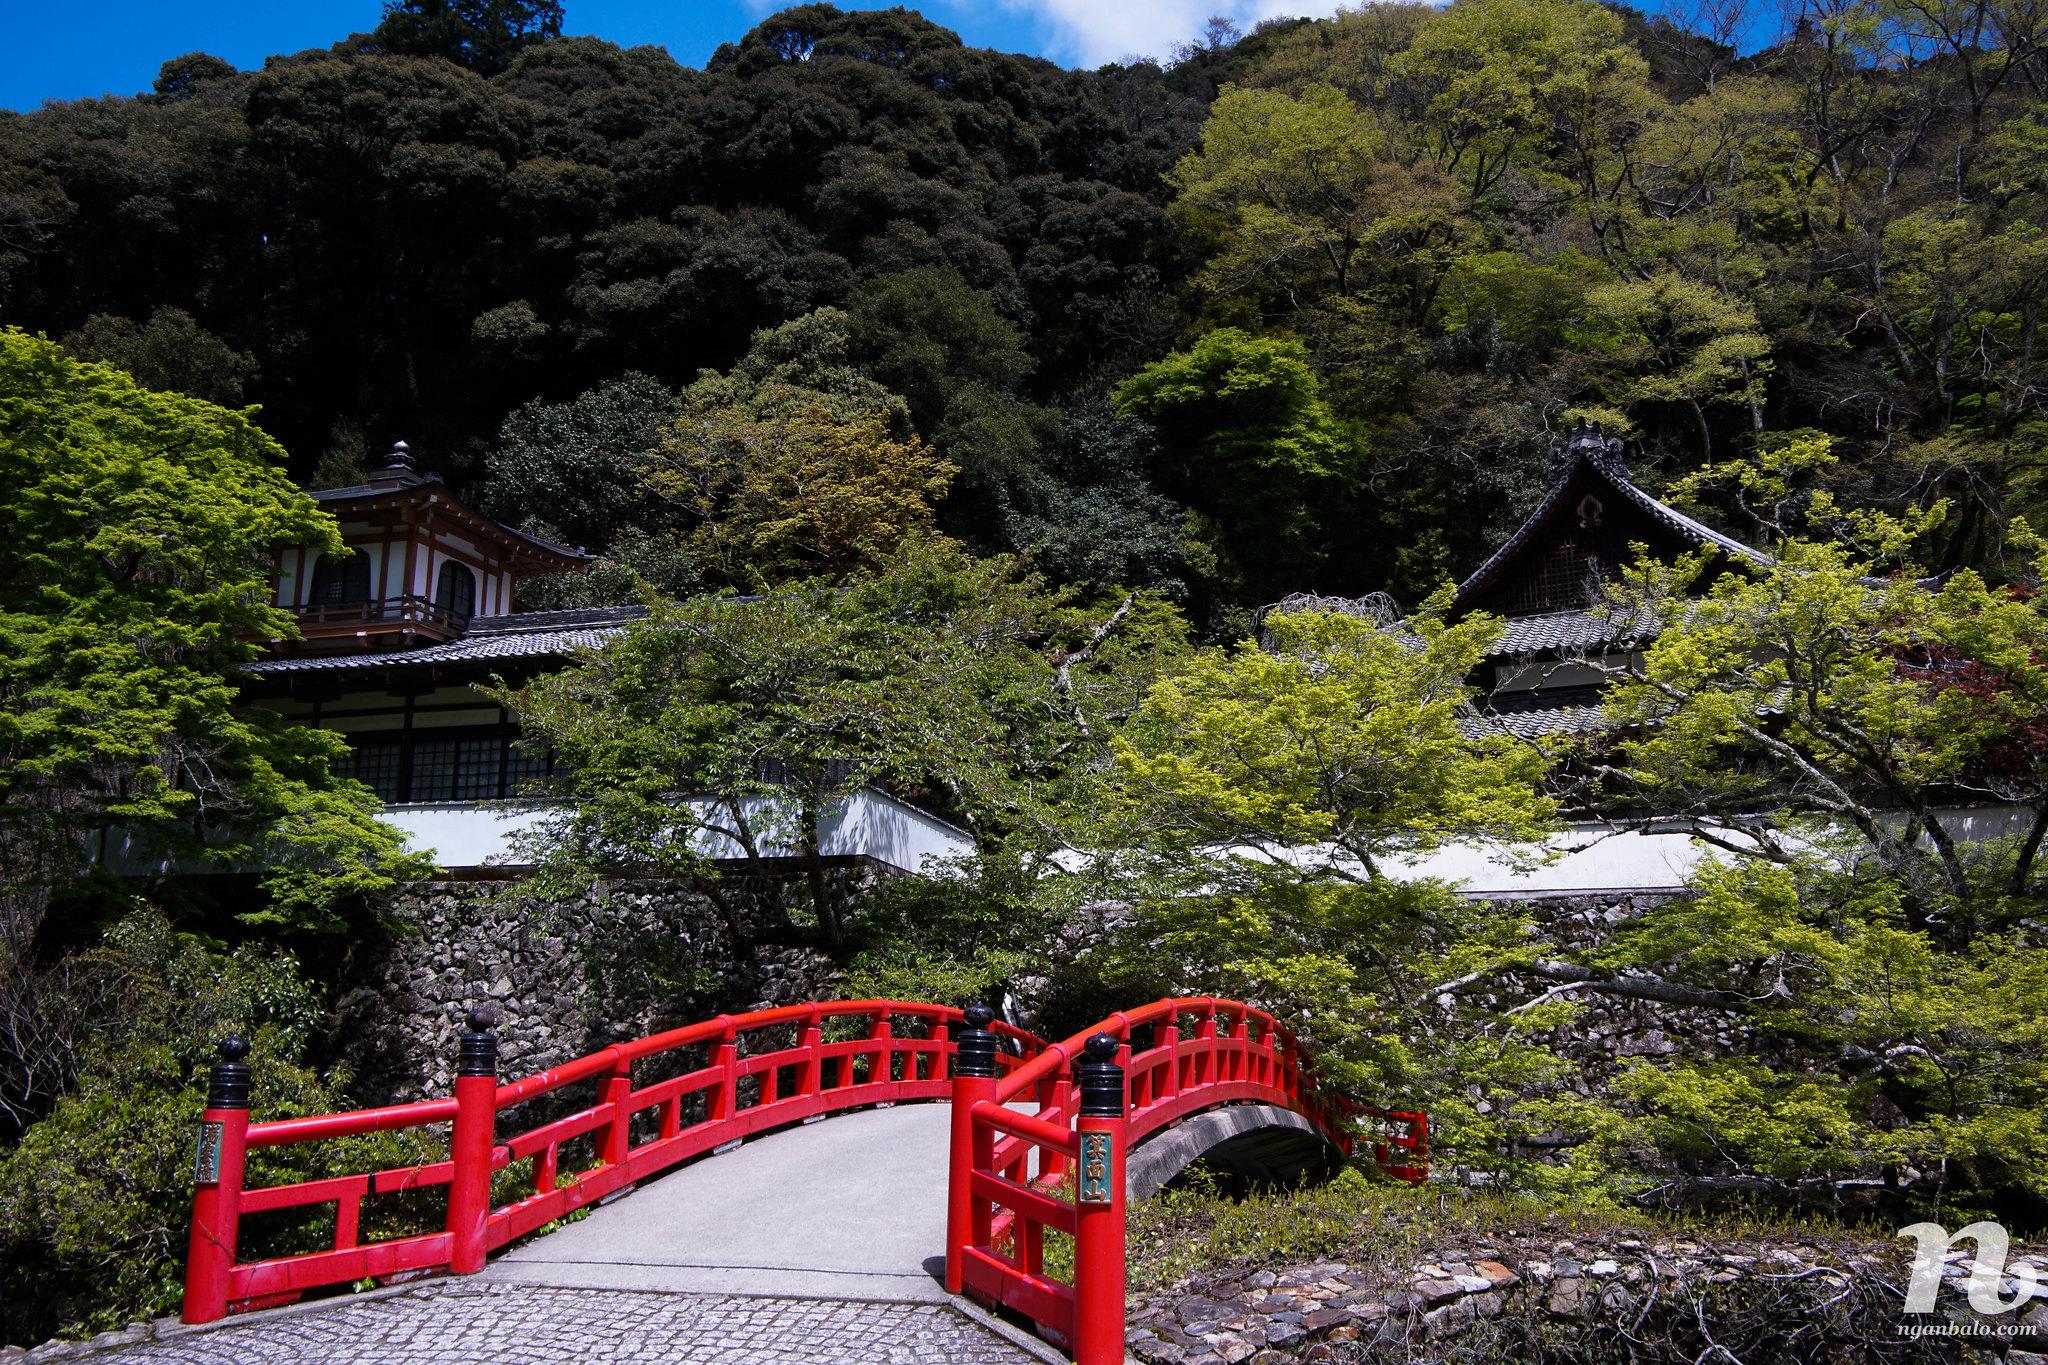 Du lịch bụi Nhật Bản (13): Thác nước Minoo (Minoh) ở Osaka + Tempura lá phong - Phố Anime